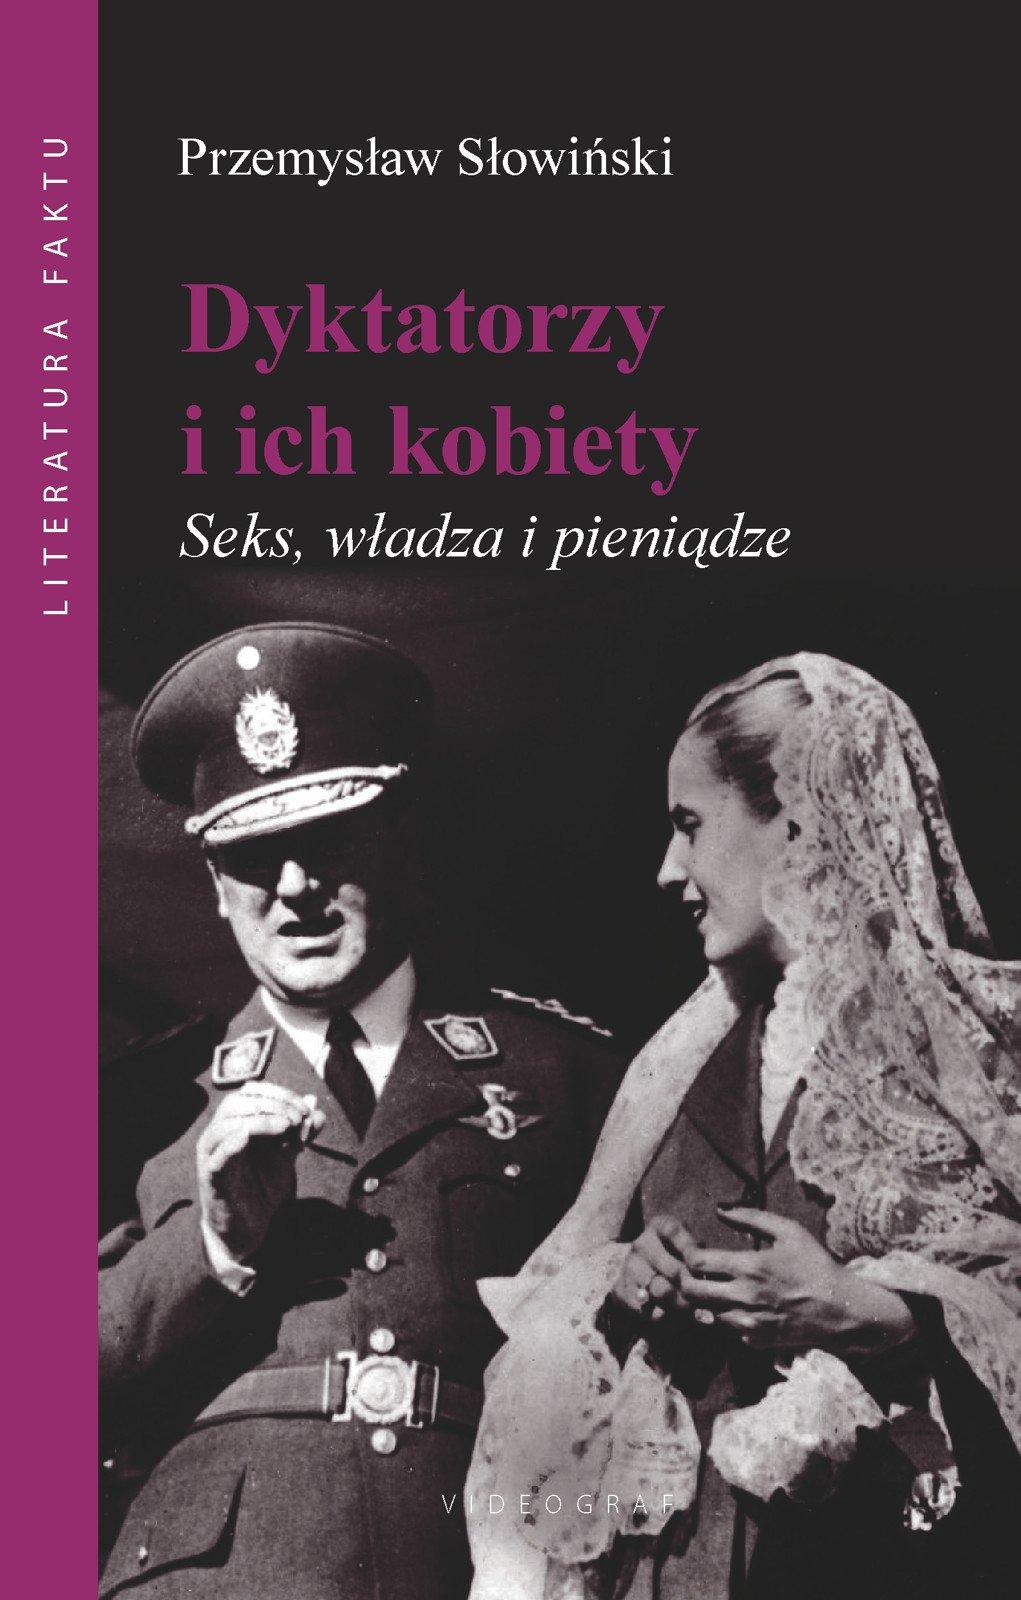 Dyktatorzy i ich kobiety. Seks, władza i pieniądze - Ebook (Książka na Kindle) do pobrania w formacie MOBI